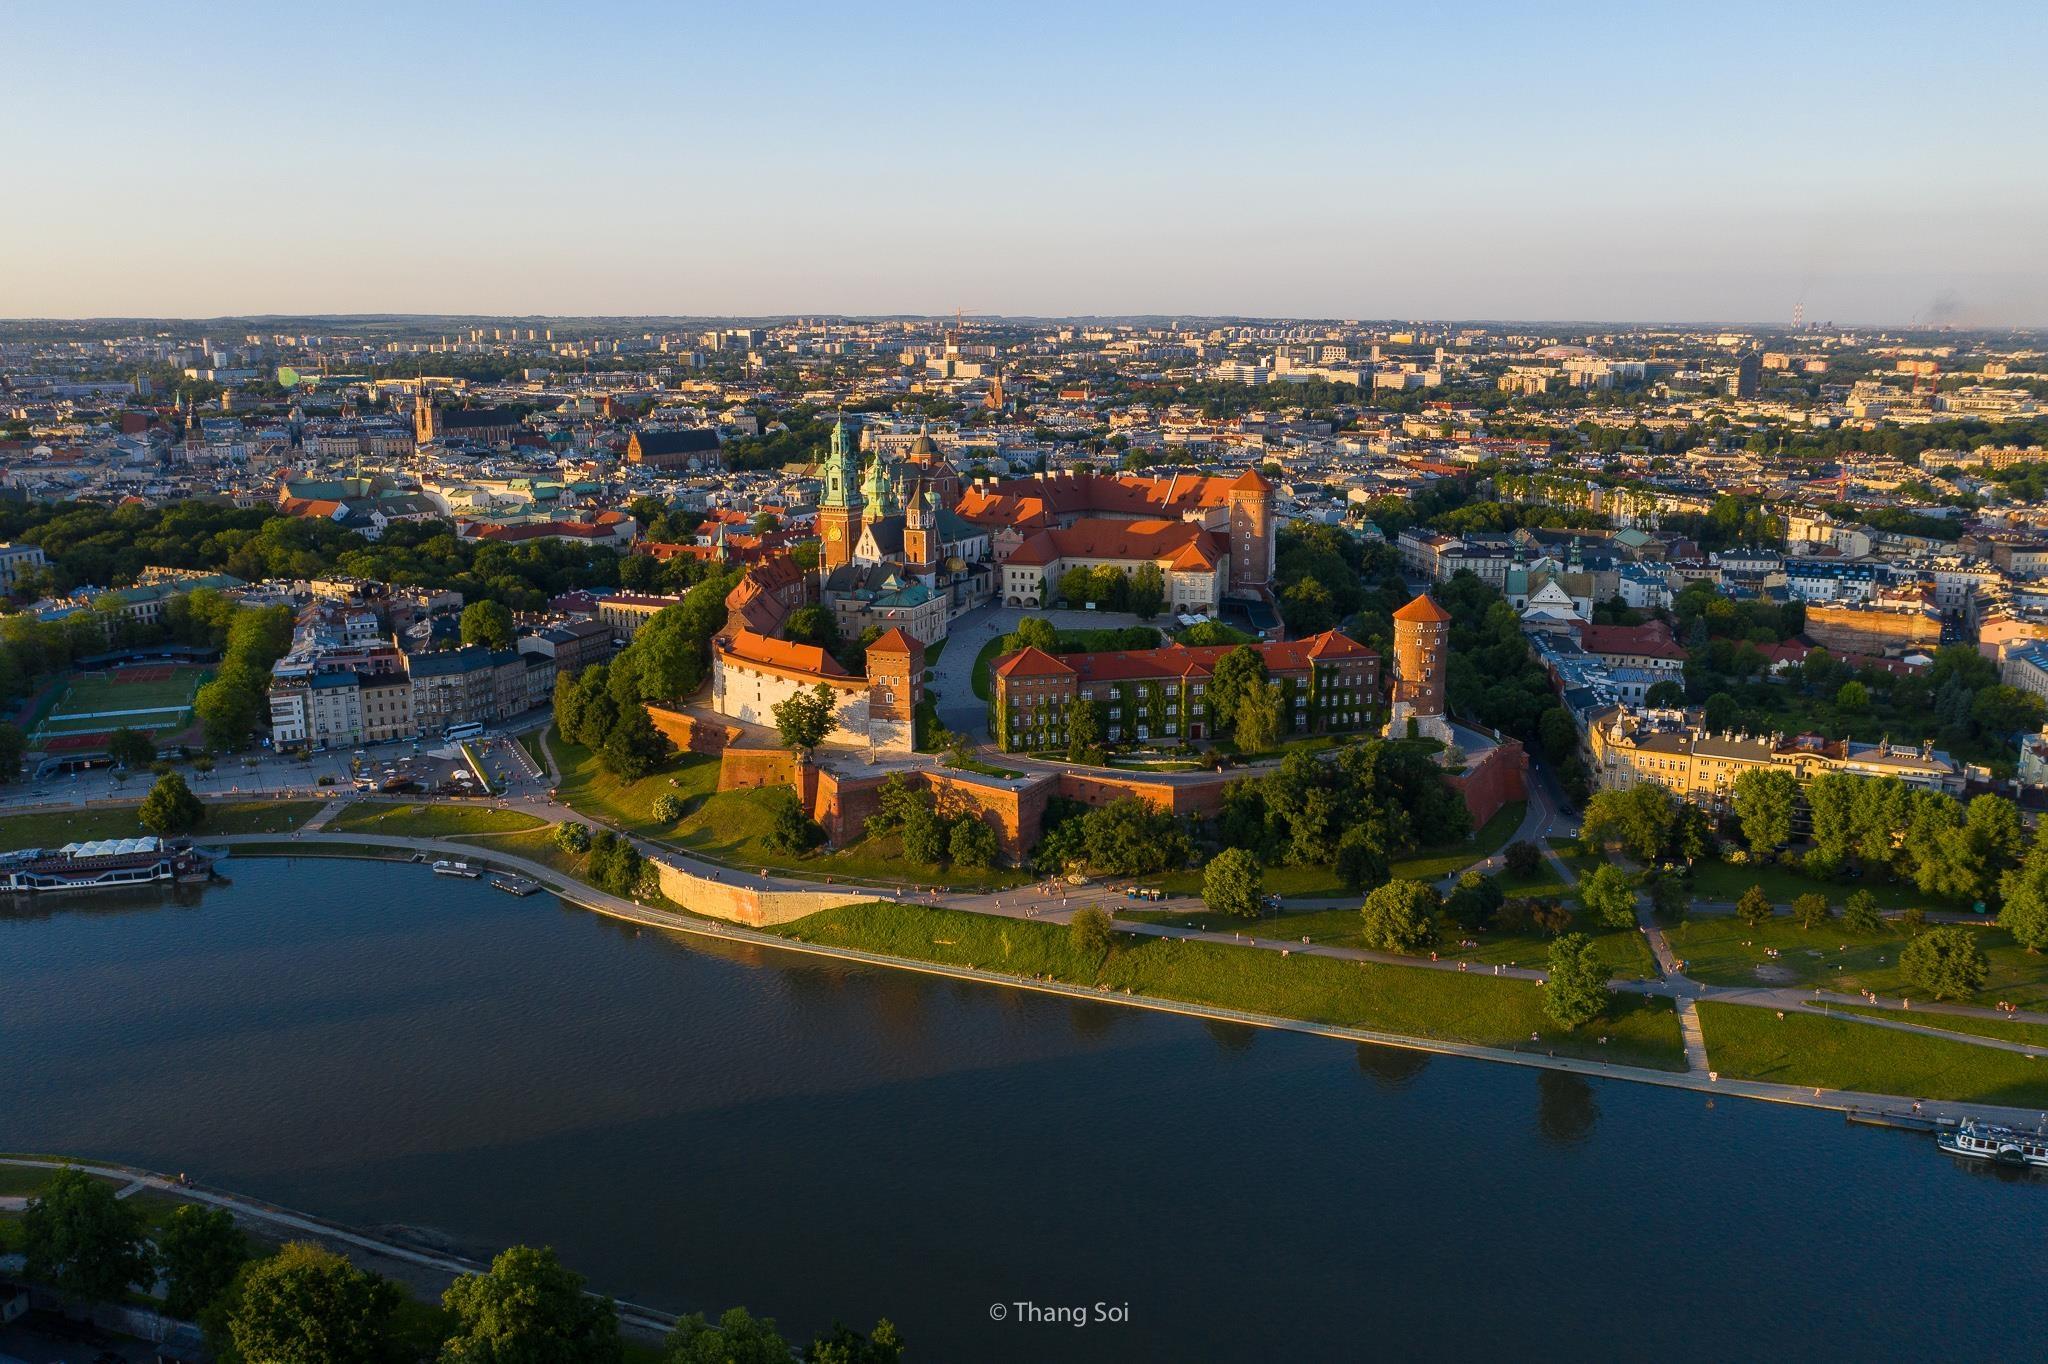 Krakow, kinh do co phai ghe tham khi den Ba Lan hinh anh 59